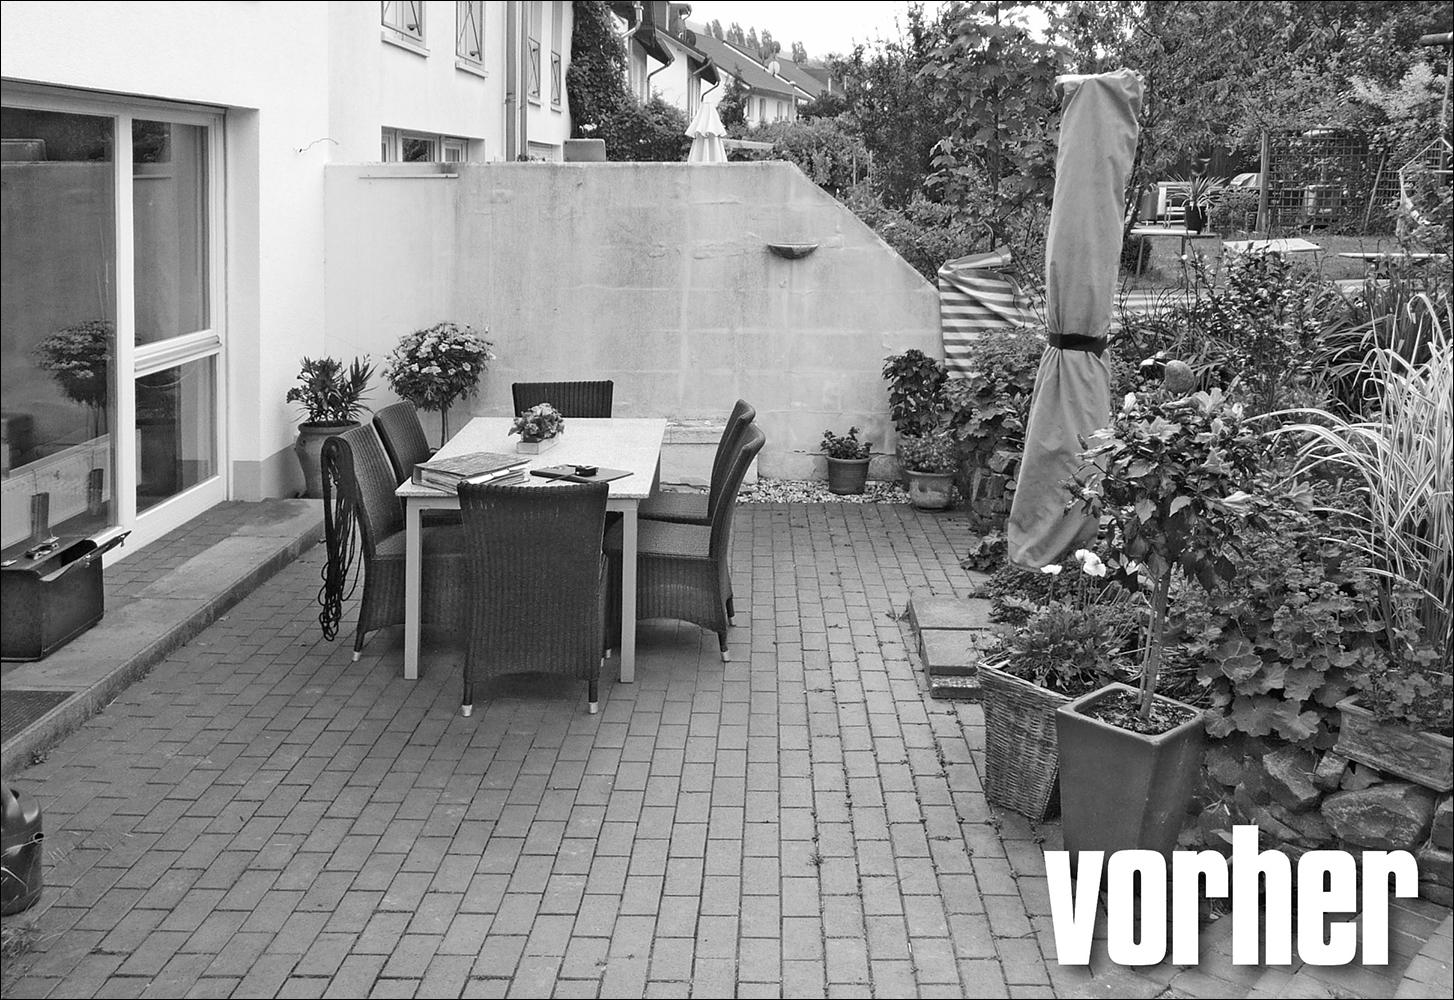 Awesome Garten Gestalten Vorher Nachher Images - New Home Design ...